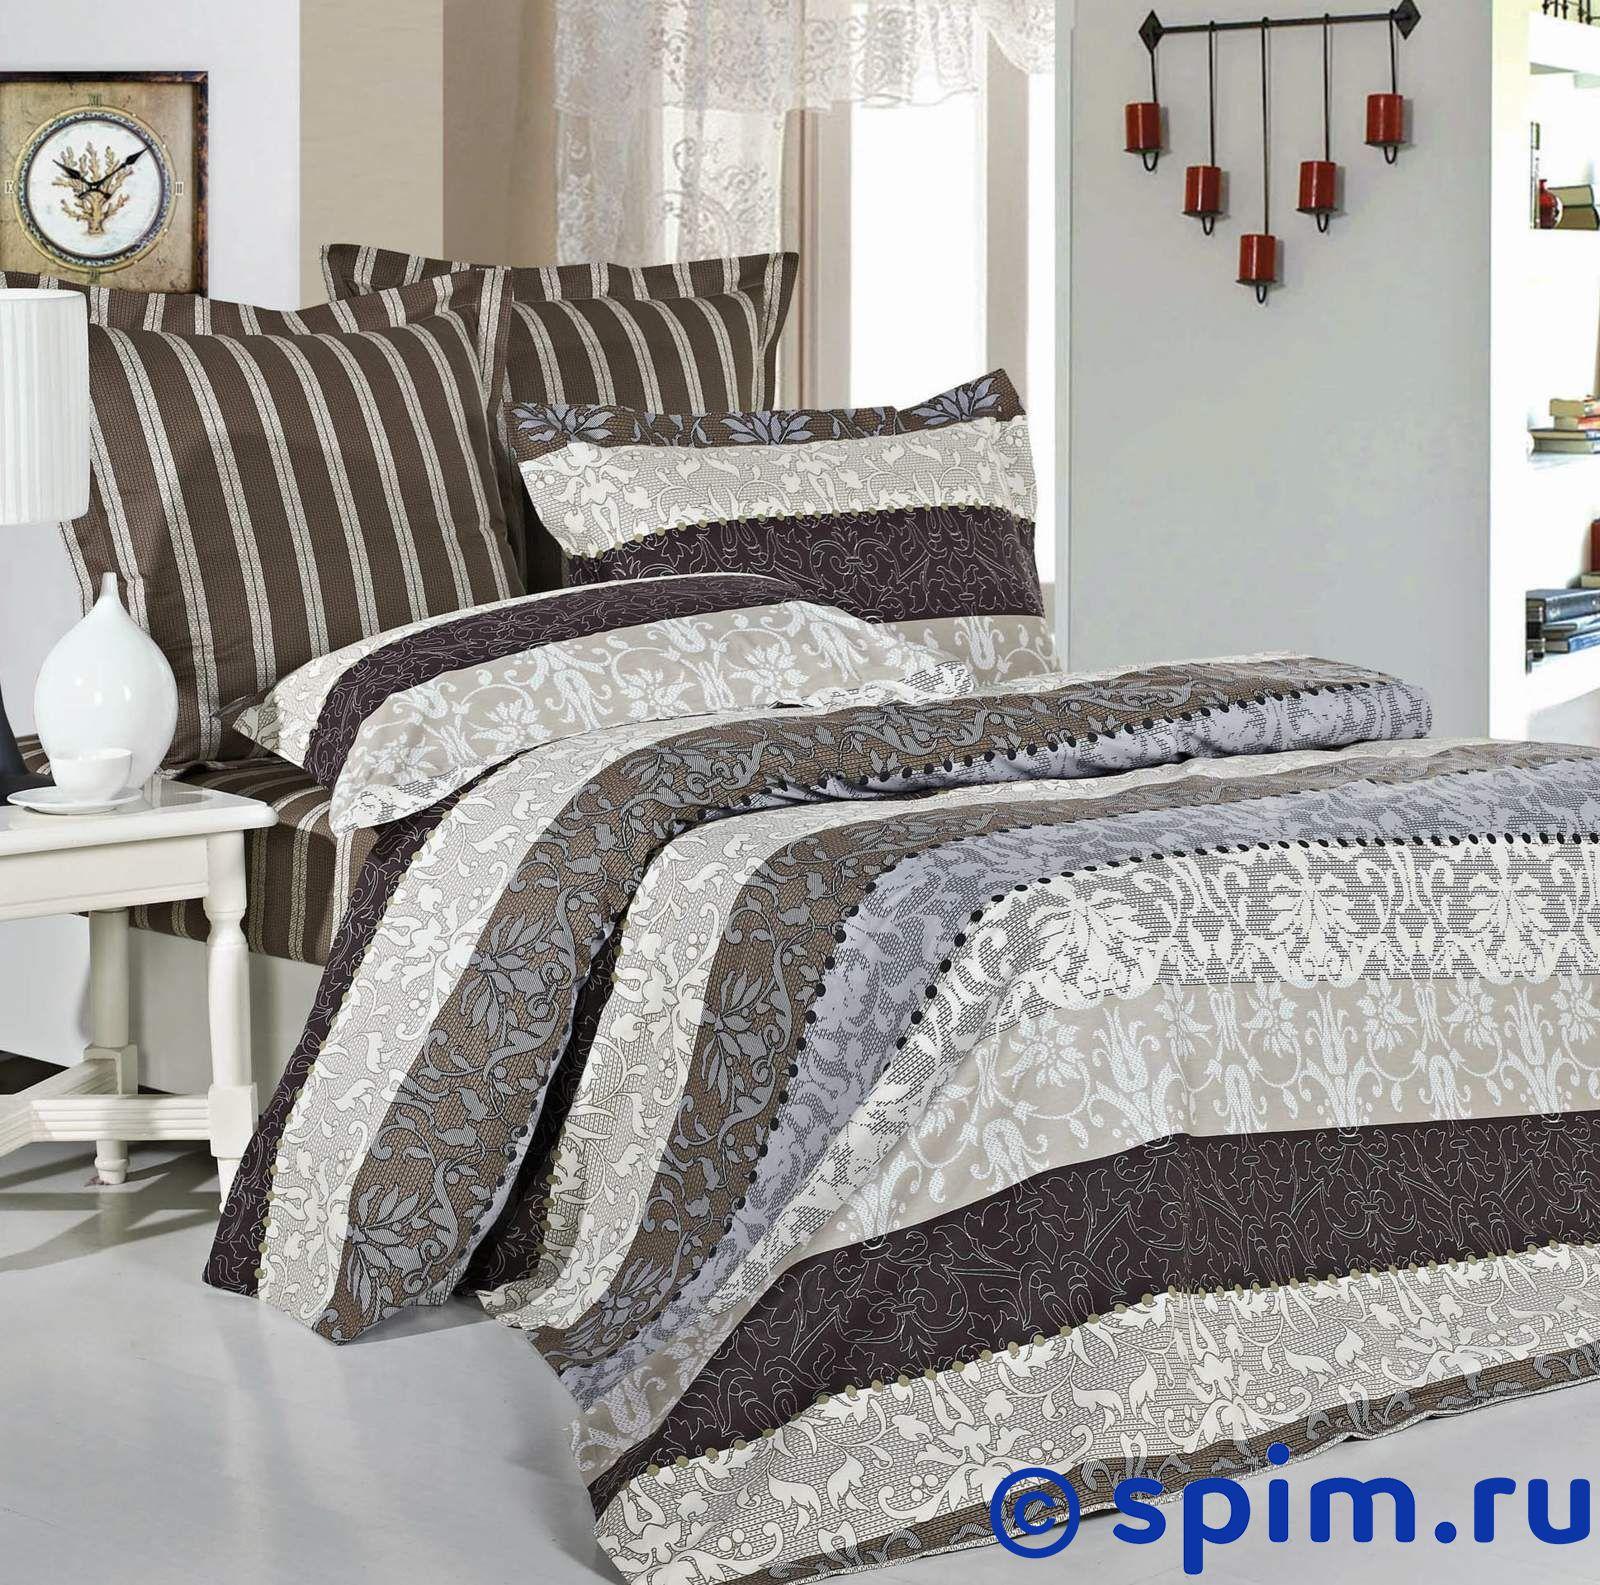 Комплект СайлиД В126 1.5 спальное